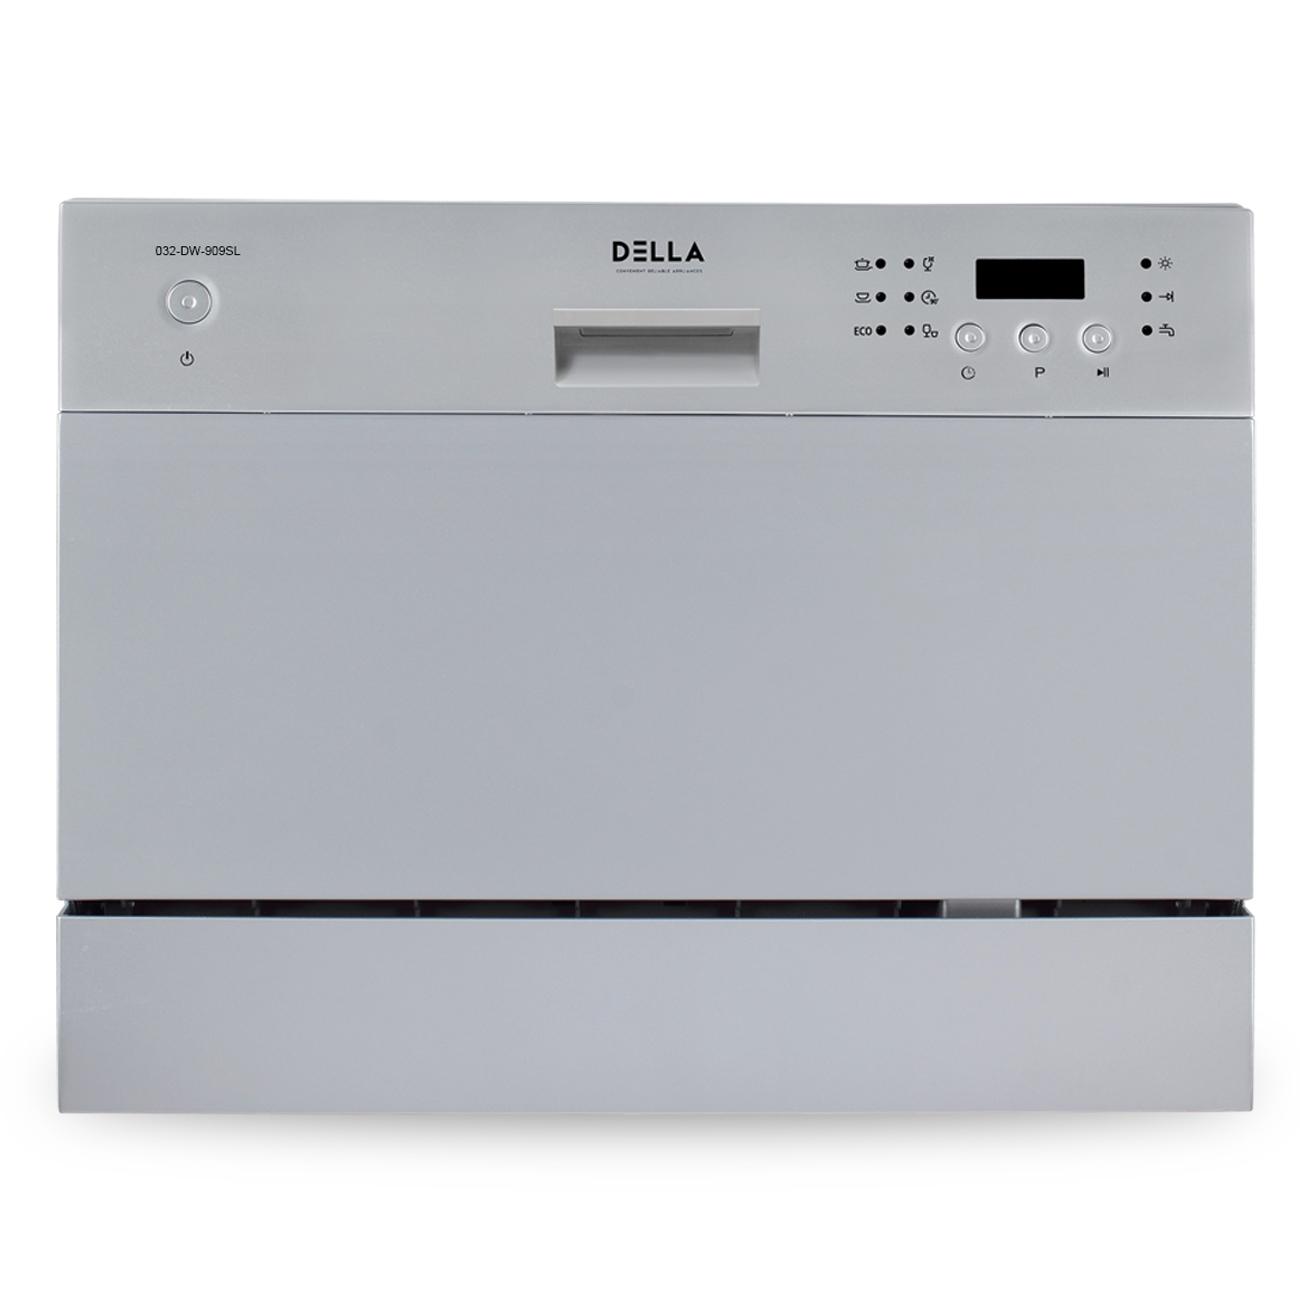 DELLA Countertop Compact Dishwasher